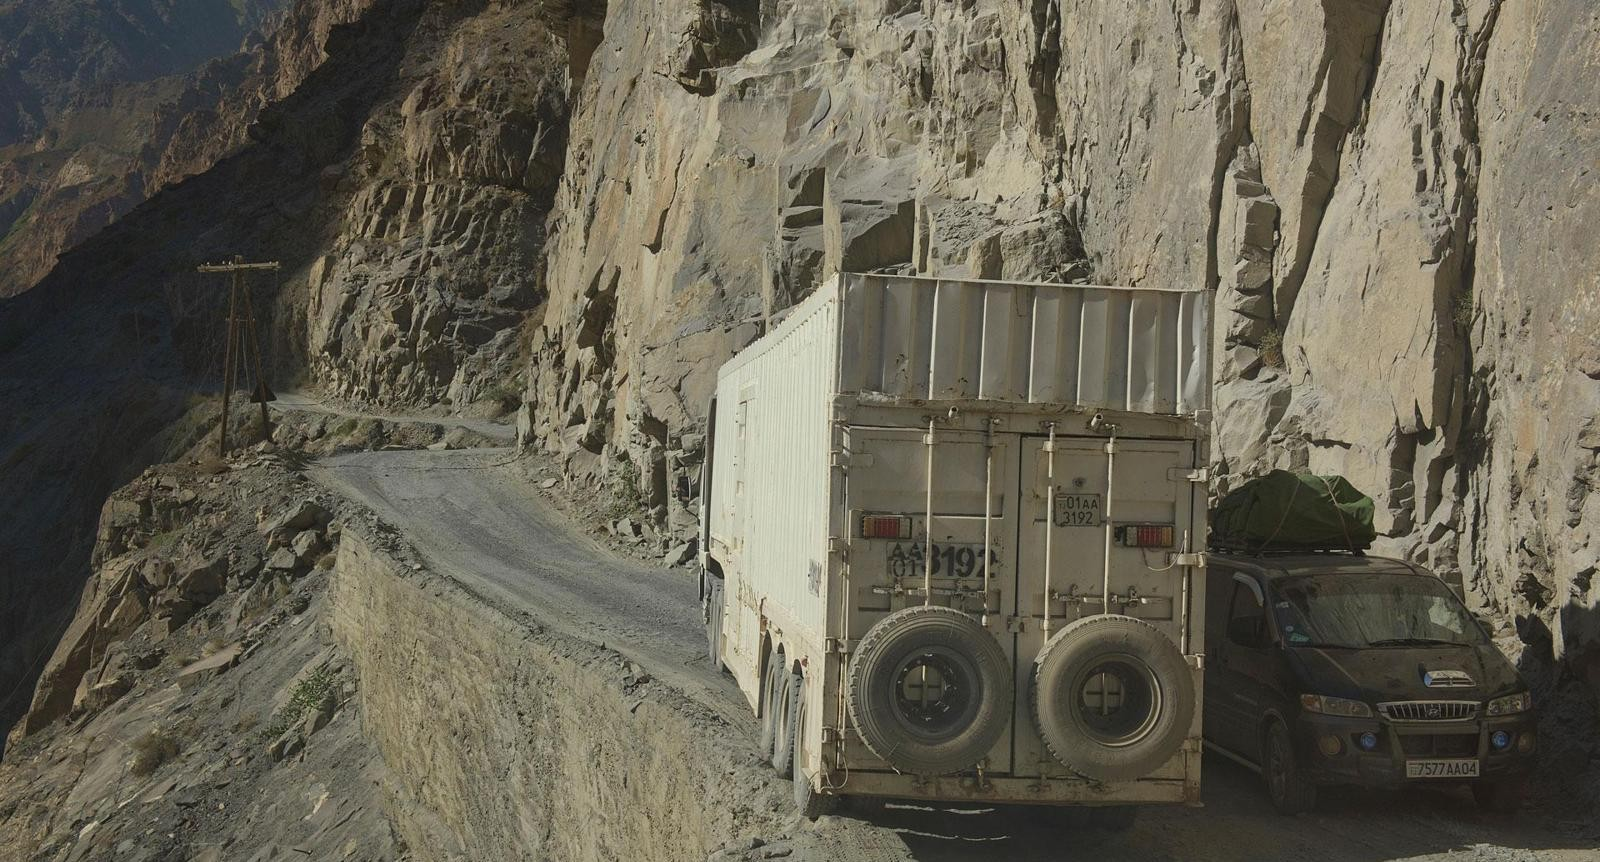 بزرگراه پامیر، مسیری خطرناک از میان آسیای مرکزی